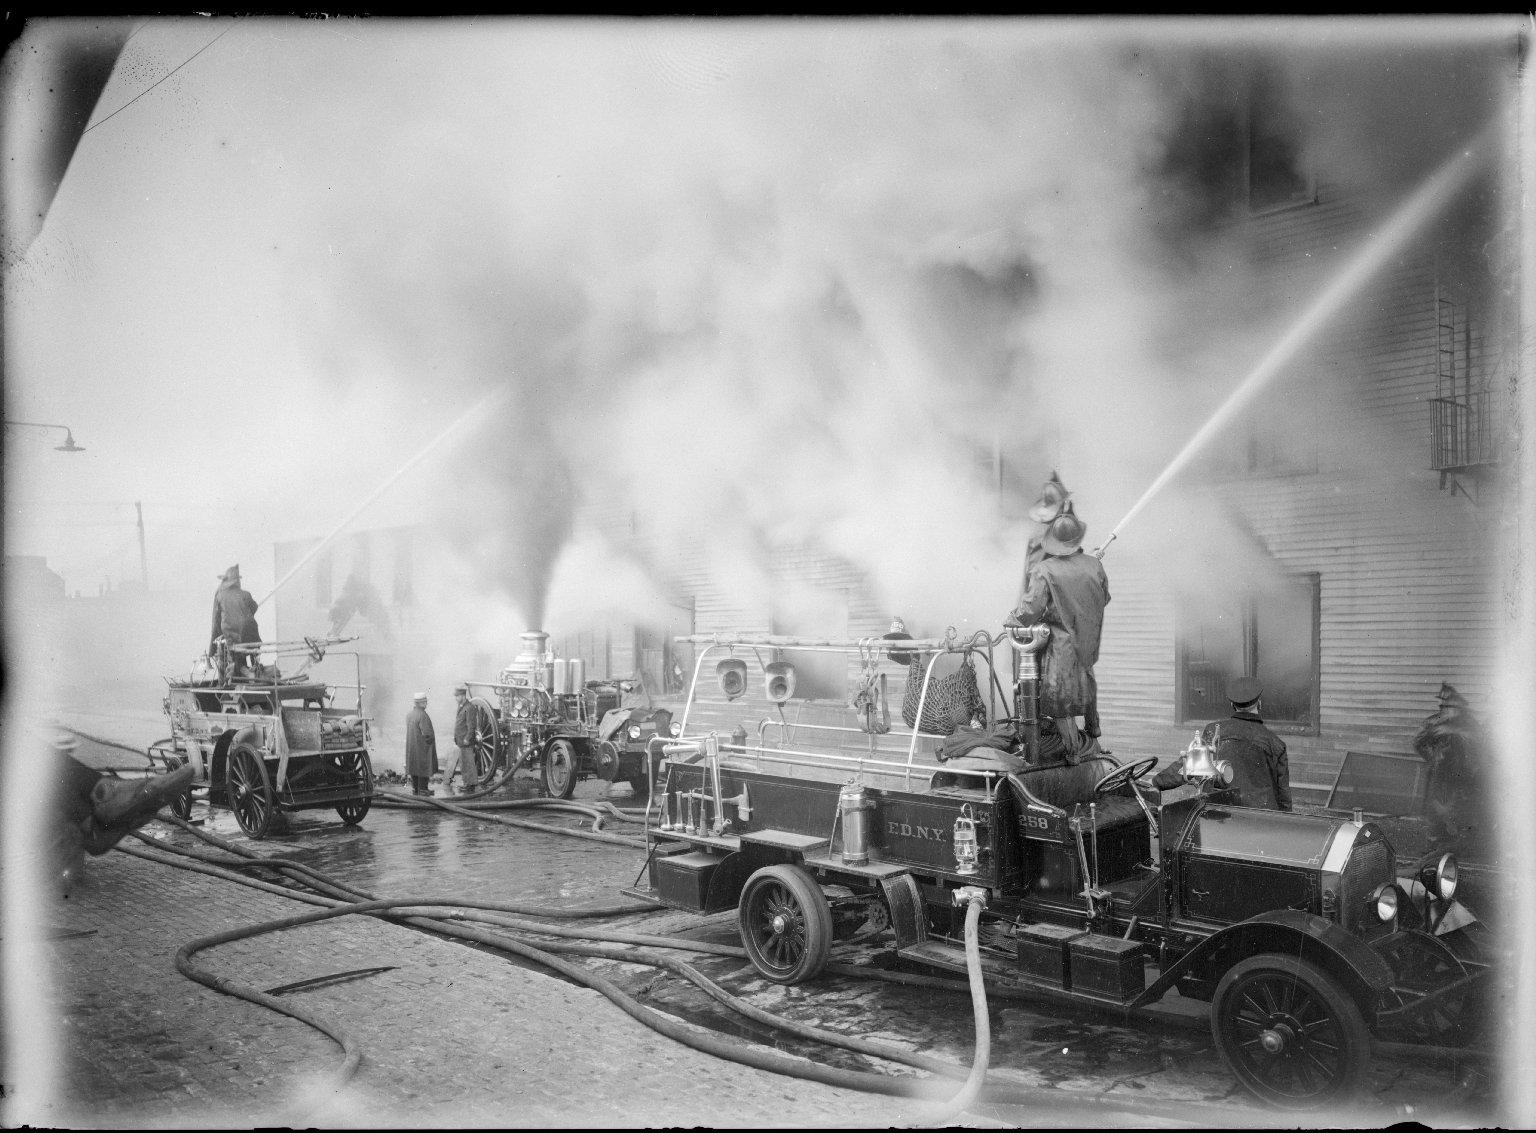 Тушение пожара. В центре паровой пожарный насос, перевозимый трактором Christie. Пожарная линейка Seagrave слева. Справа пожарный автомобиль с лафетным стволом Seagrave. Нью-Йорк, США. 1915 год.